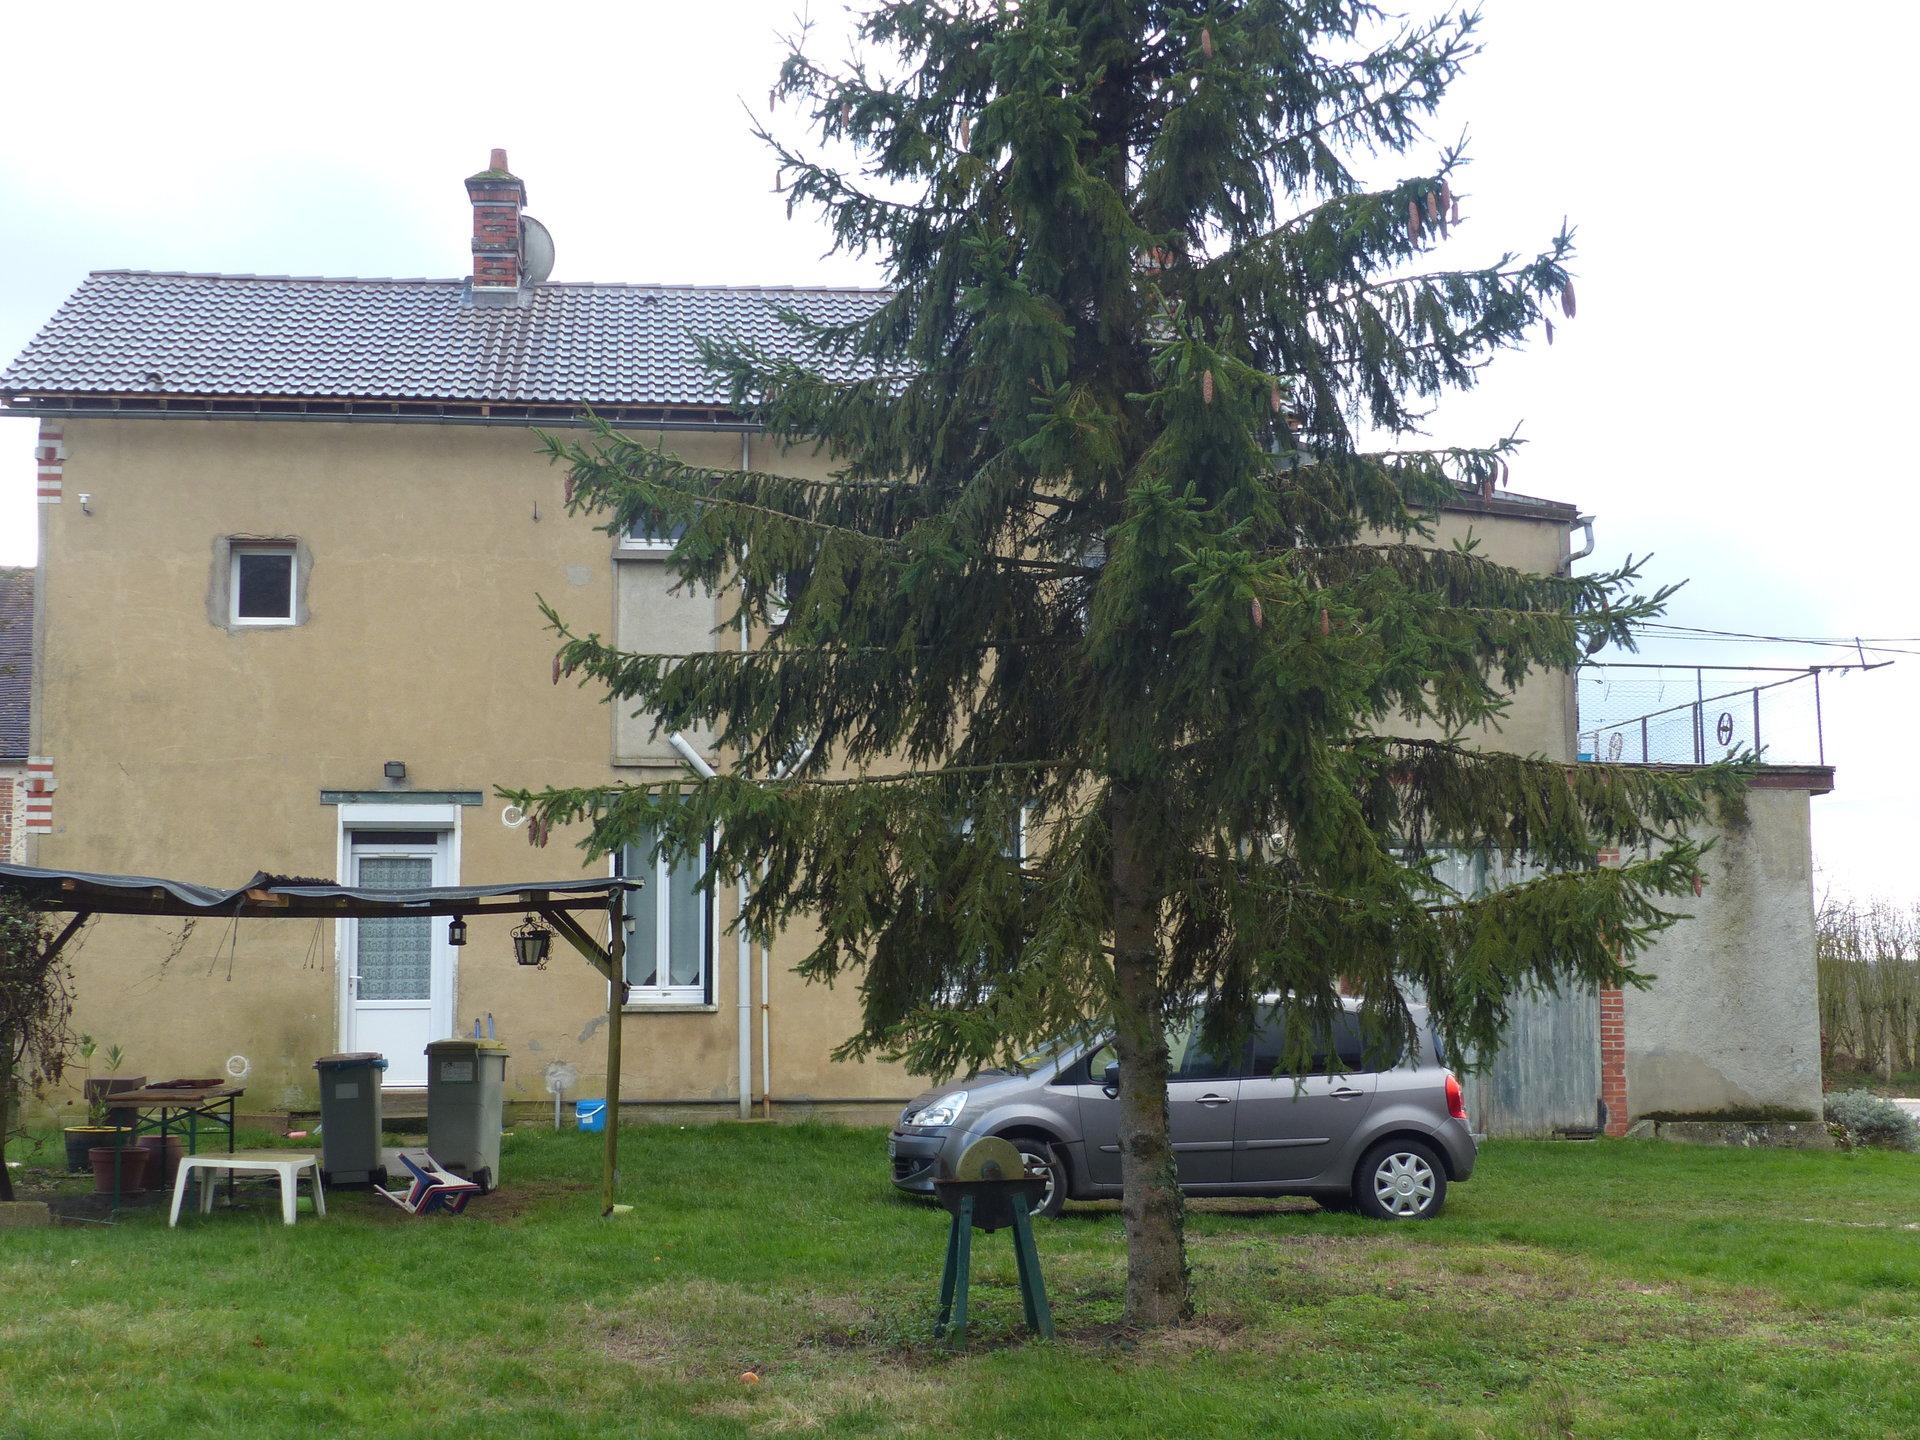 PROCHE EGREVILLE. Terrain clos et arboré de 1605 m² avec dépendances